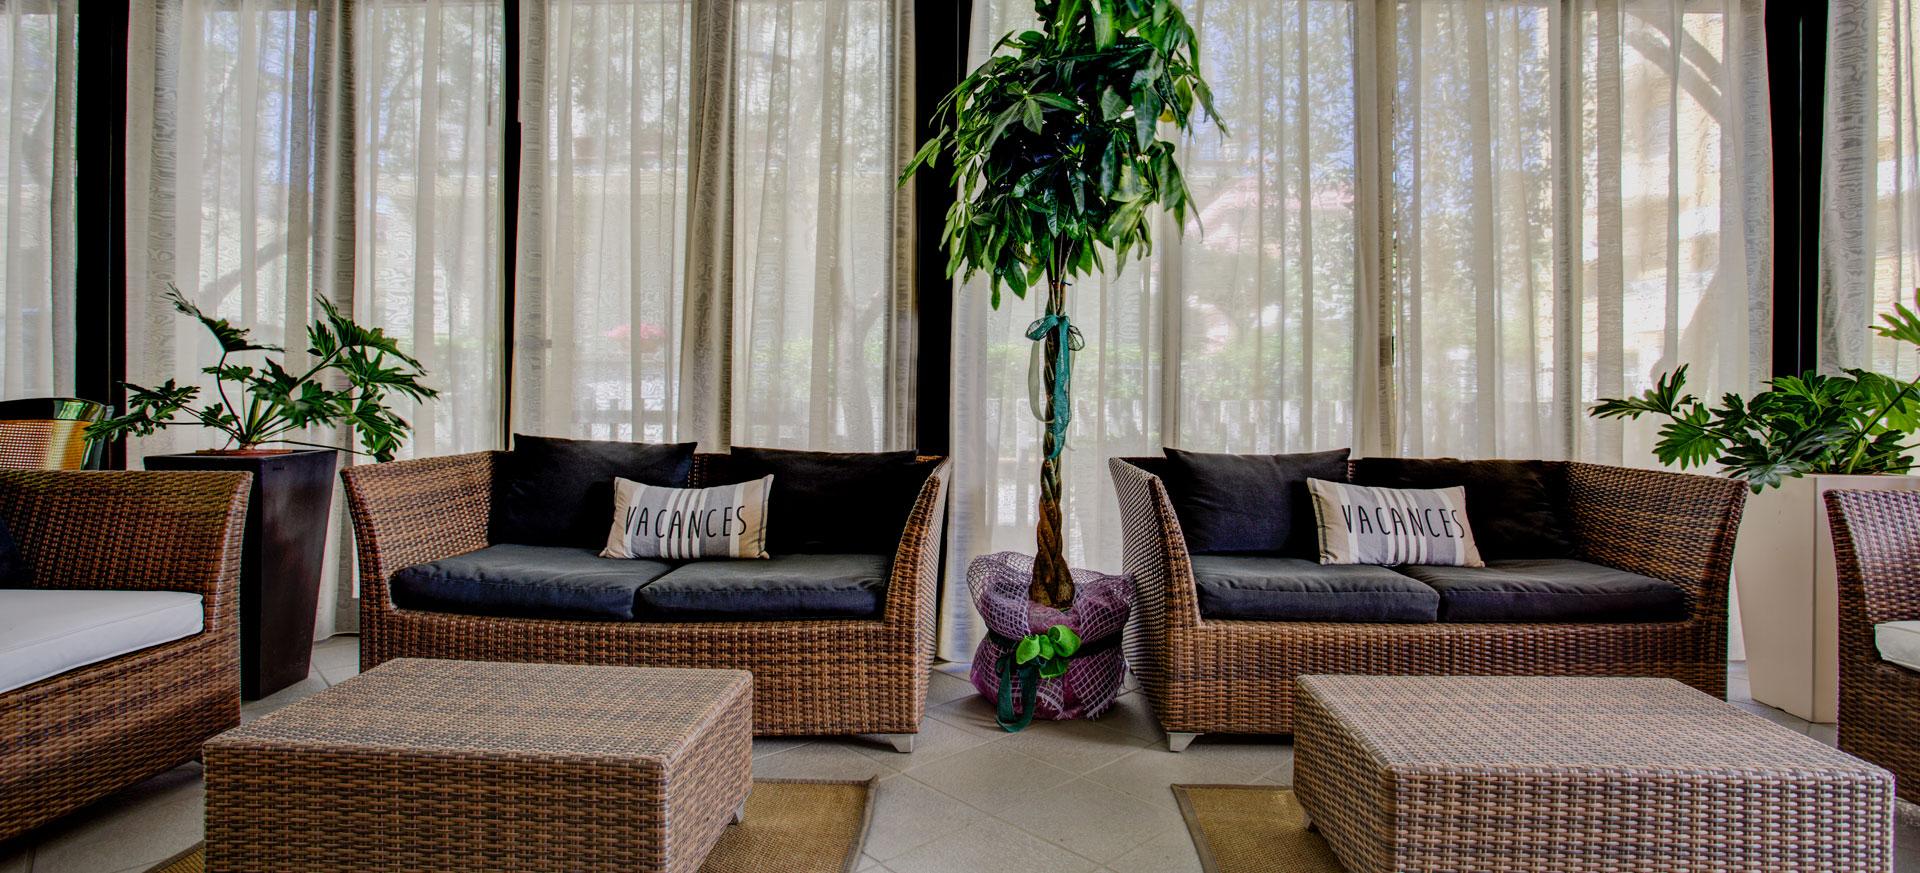 Villa dei Gerani | Hotel per soggiorni con animali domestici Rimini